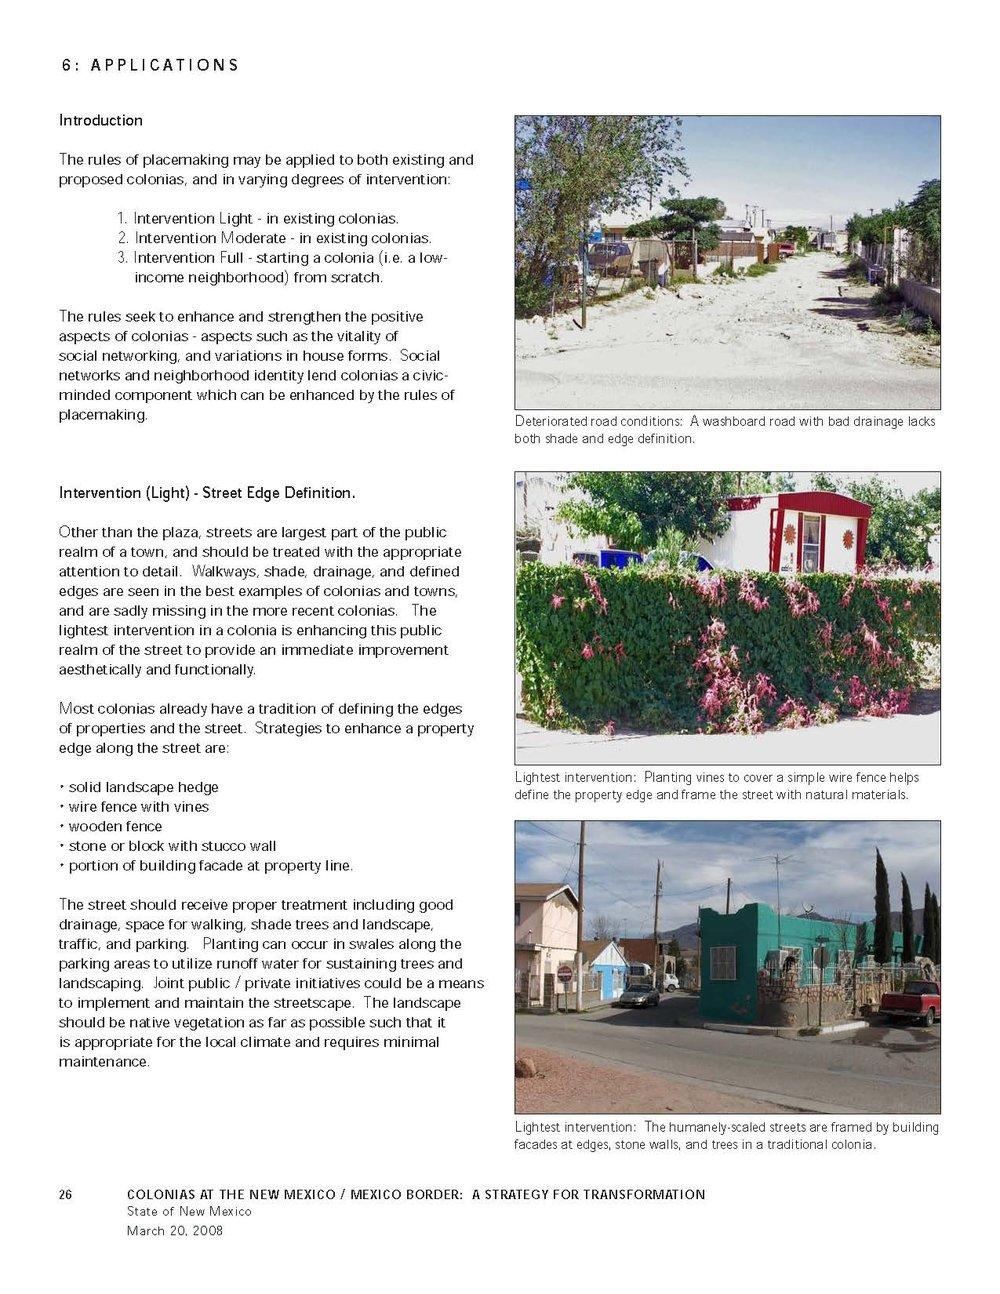 colonias_Page_26.jpg